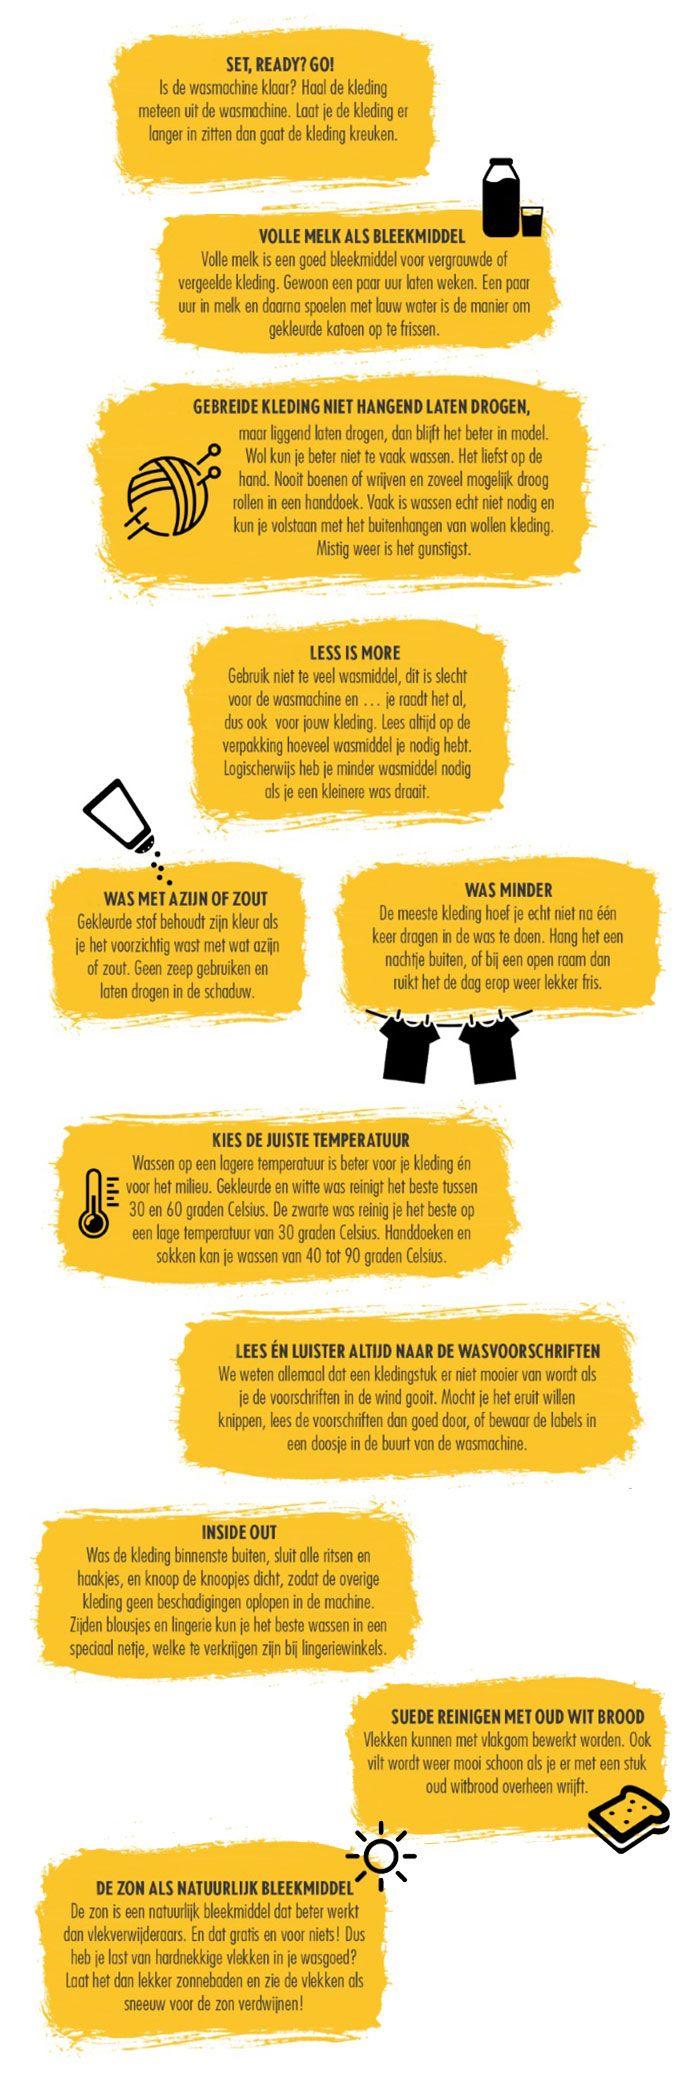 Tips om jouw outfit langer mooi te houden